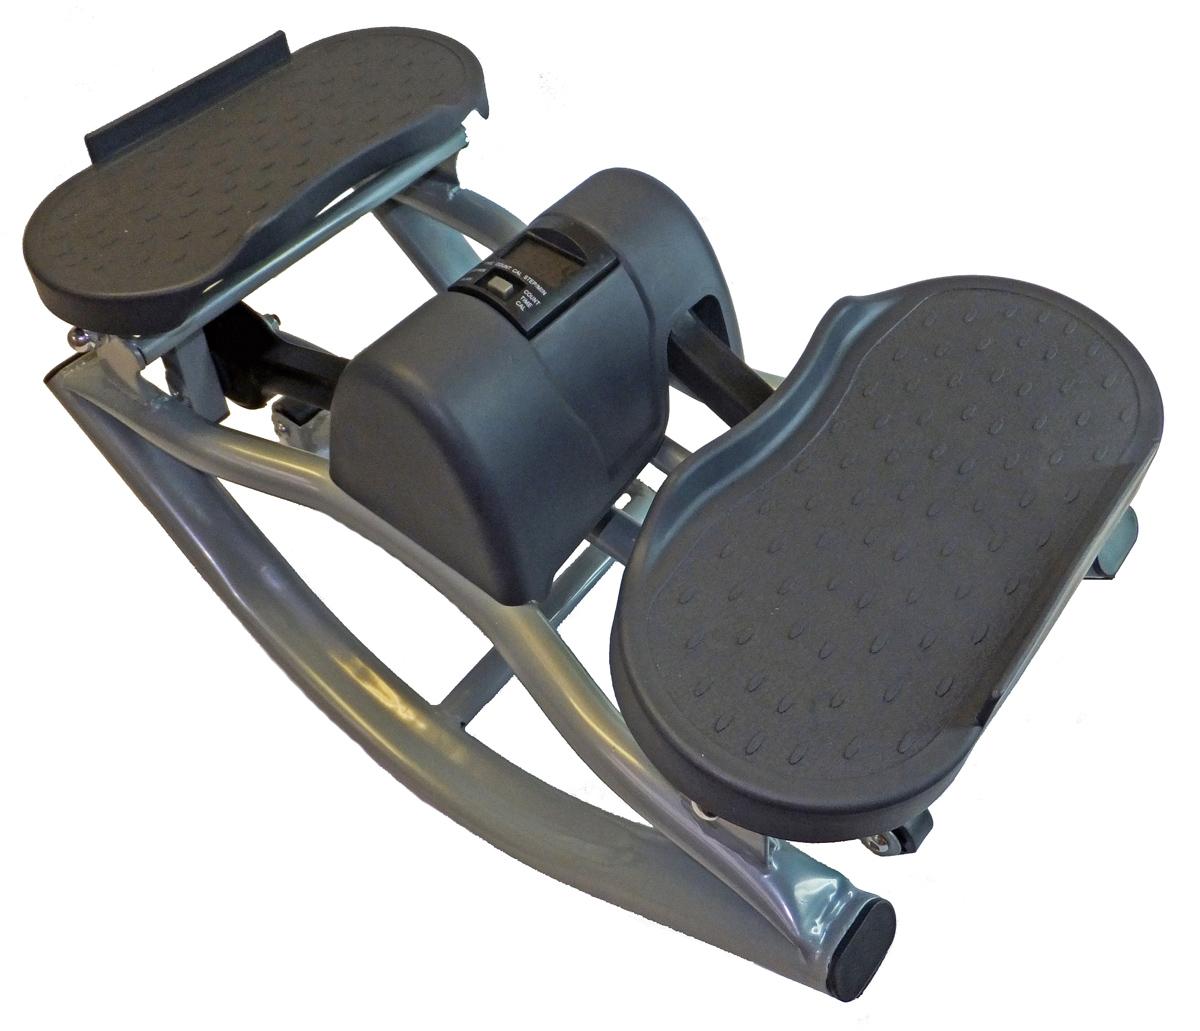 Степпер балансировочный Body Sculpture SE 5106, цвет: черныйKZ 0235Body Sculpture GB-5106/0722-03 - балансировочный министеппер, небольшой аэробный тренажер для дома и офиса (имитация ходьбы по лестнице). Отлично подойдет для тех, кто хочет самостоятельно в домашних условиях поддерживать свою физическую форму в хорошем состоянии. Занимаясь на этом тренажере, любой пользователь сможет тренировать различные группы мышц: бедра, ягодицы, бицепс, трицепс, плечи, спину.Балансировочный министеппер Body Sculpture GB-5106/0722-03 имеет удобный бортовой компьютер, который отслеживает время выполнения упражнения, скорость ходьбы, количество сделанных шагов и количество потраченных калорий. Министеппер Body Sculpture GB-5106/0722-03 - это максимально эффективный и при этом самый компактный и самый миниатюрный тренажер. Он подходит для большинства квартир, не занимает много места, Вы сможете хранить его даже под кроватью.Характеристики:Конструкция проста, надежна и компактна.Бесшумная модель, приводимая в движение переносом центра тяжести с одной ноги на другую.На раме есть специальные металлические петли-держатели для ручек (ручки в комплект не входят).Расширенные платформы для ног дополнены выпуклым рисунком, предотвращающим скольжение.Компьютер в сканирующем режиме отображает:- время,- количество шагов,- частоту шагов в минуту,- расход калорий. Характеристики: Материал: металл, пластик. Вес: 7400 г. Размер тренажера (ДхШхВ): 51 см х 27 см х 27 см. Размер упаковки (ДхШхВ): 51 см х 29 см х 40 см. Изготовитель: Китай. Гарантия: 1 год. Артикул:GB-5106/ SE 5106.